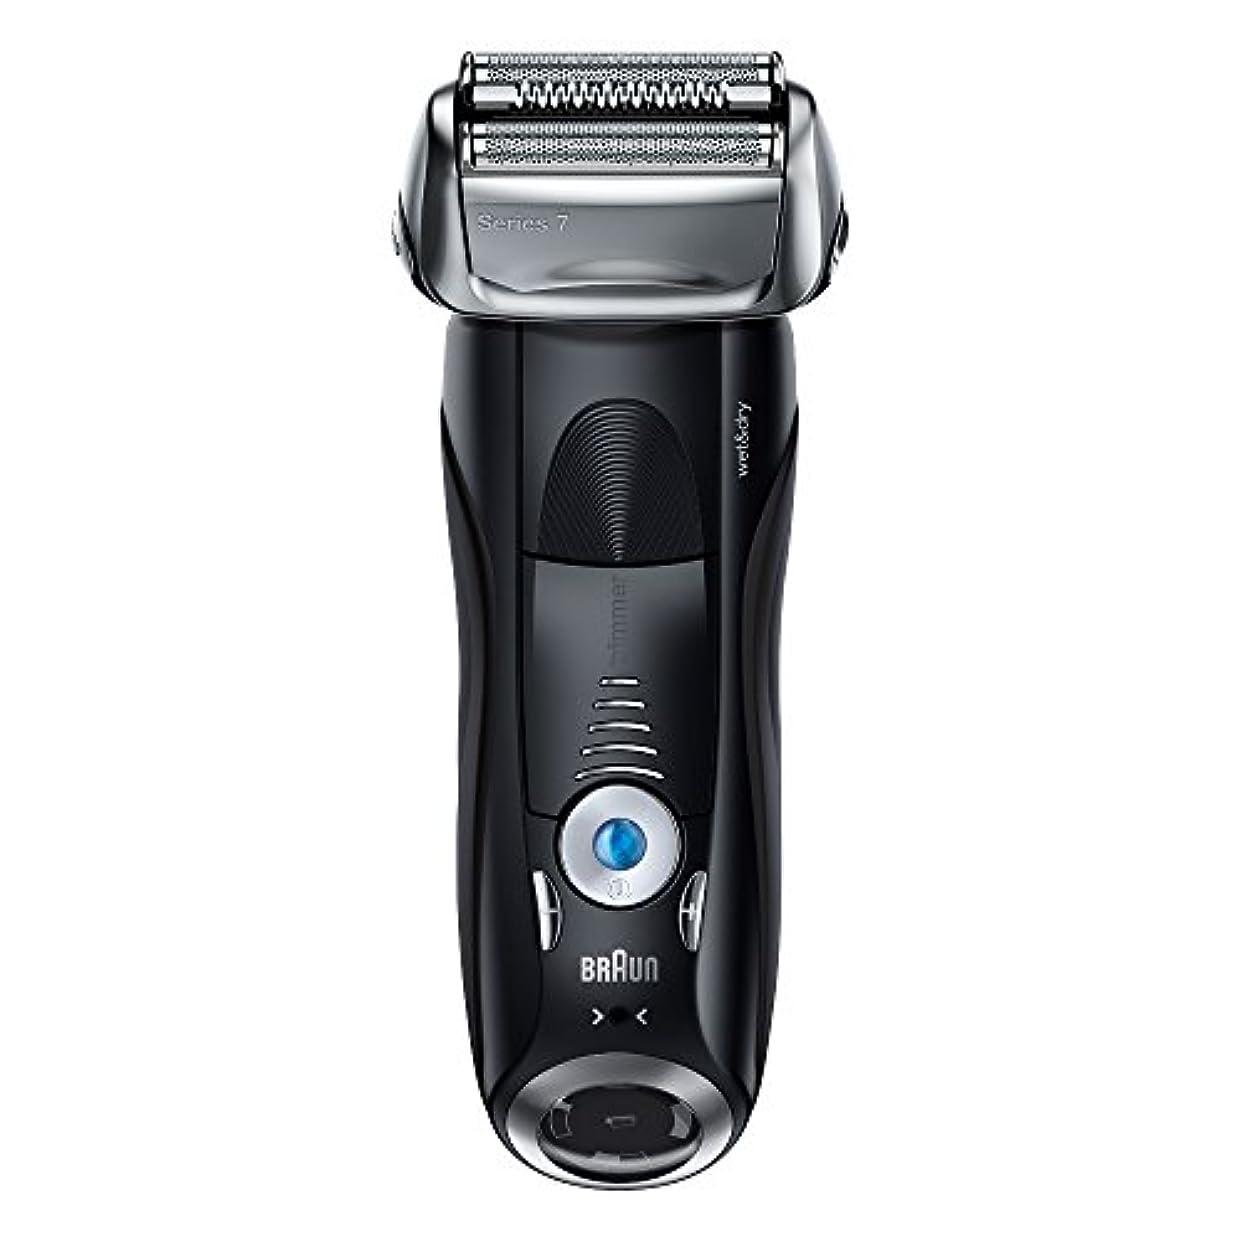 値誇張する青写真ブラウン メンズ電気シェーバー シリーズ7 7842s 4カットシステム 水洗い/お風呂剃り可